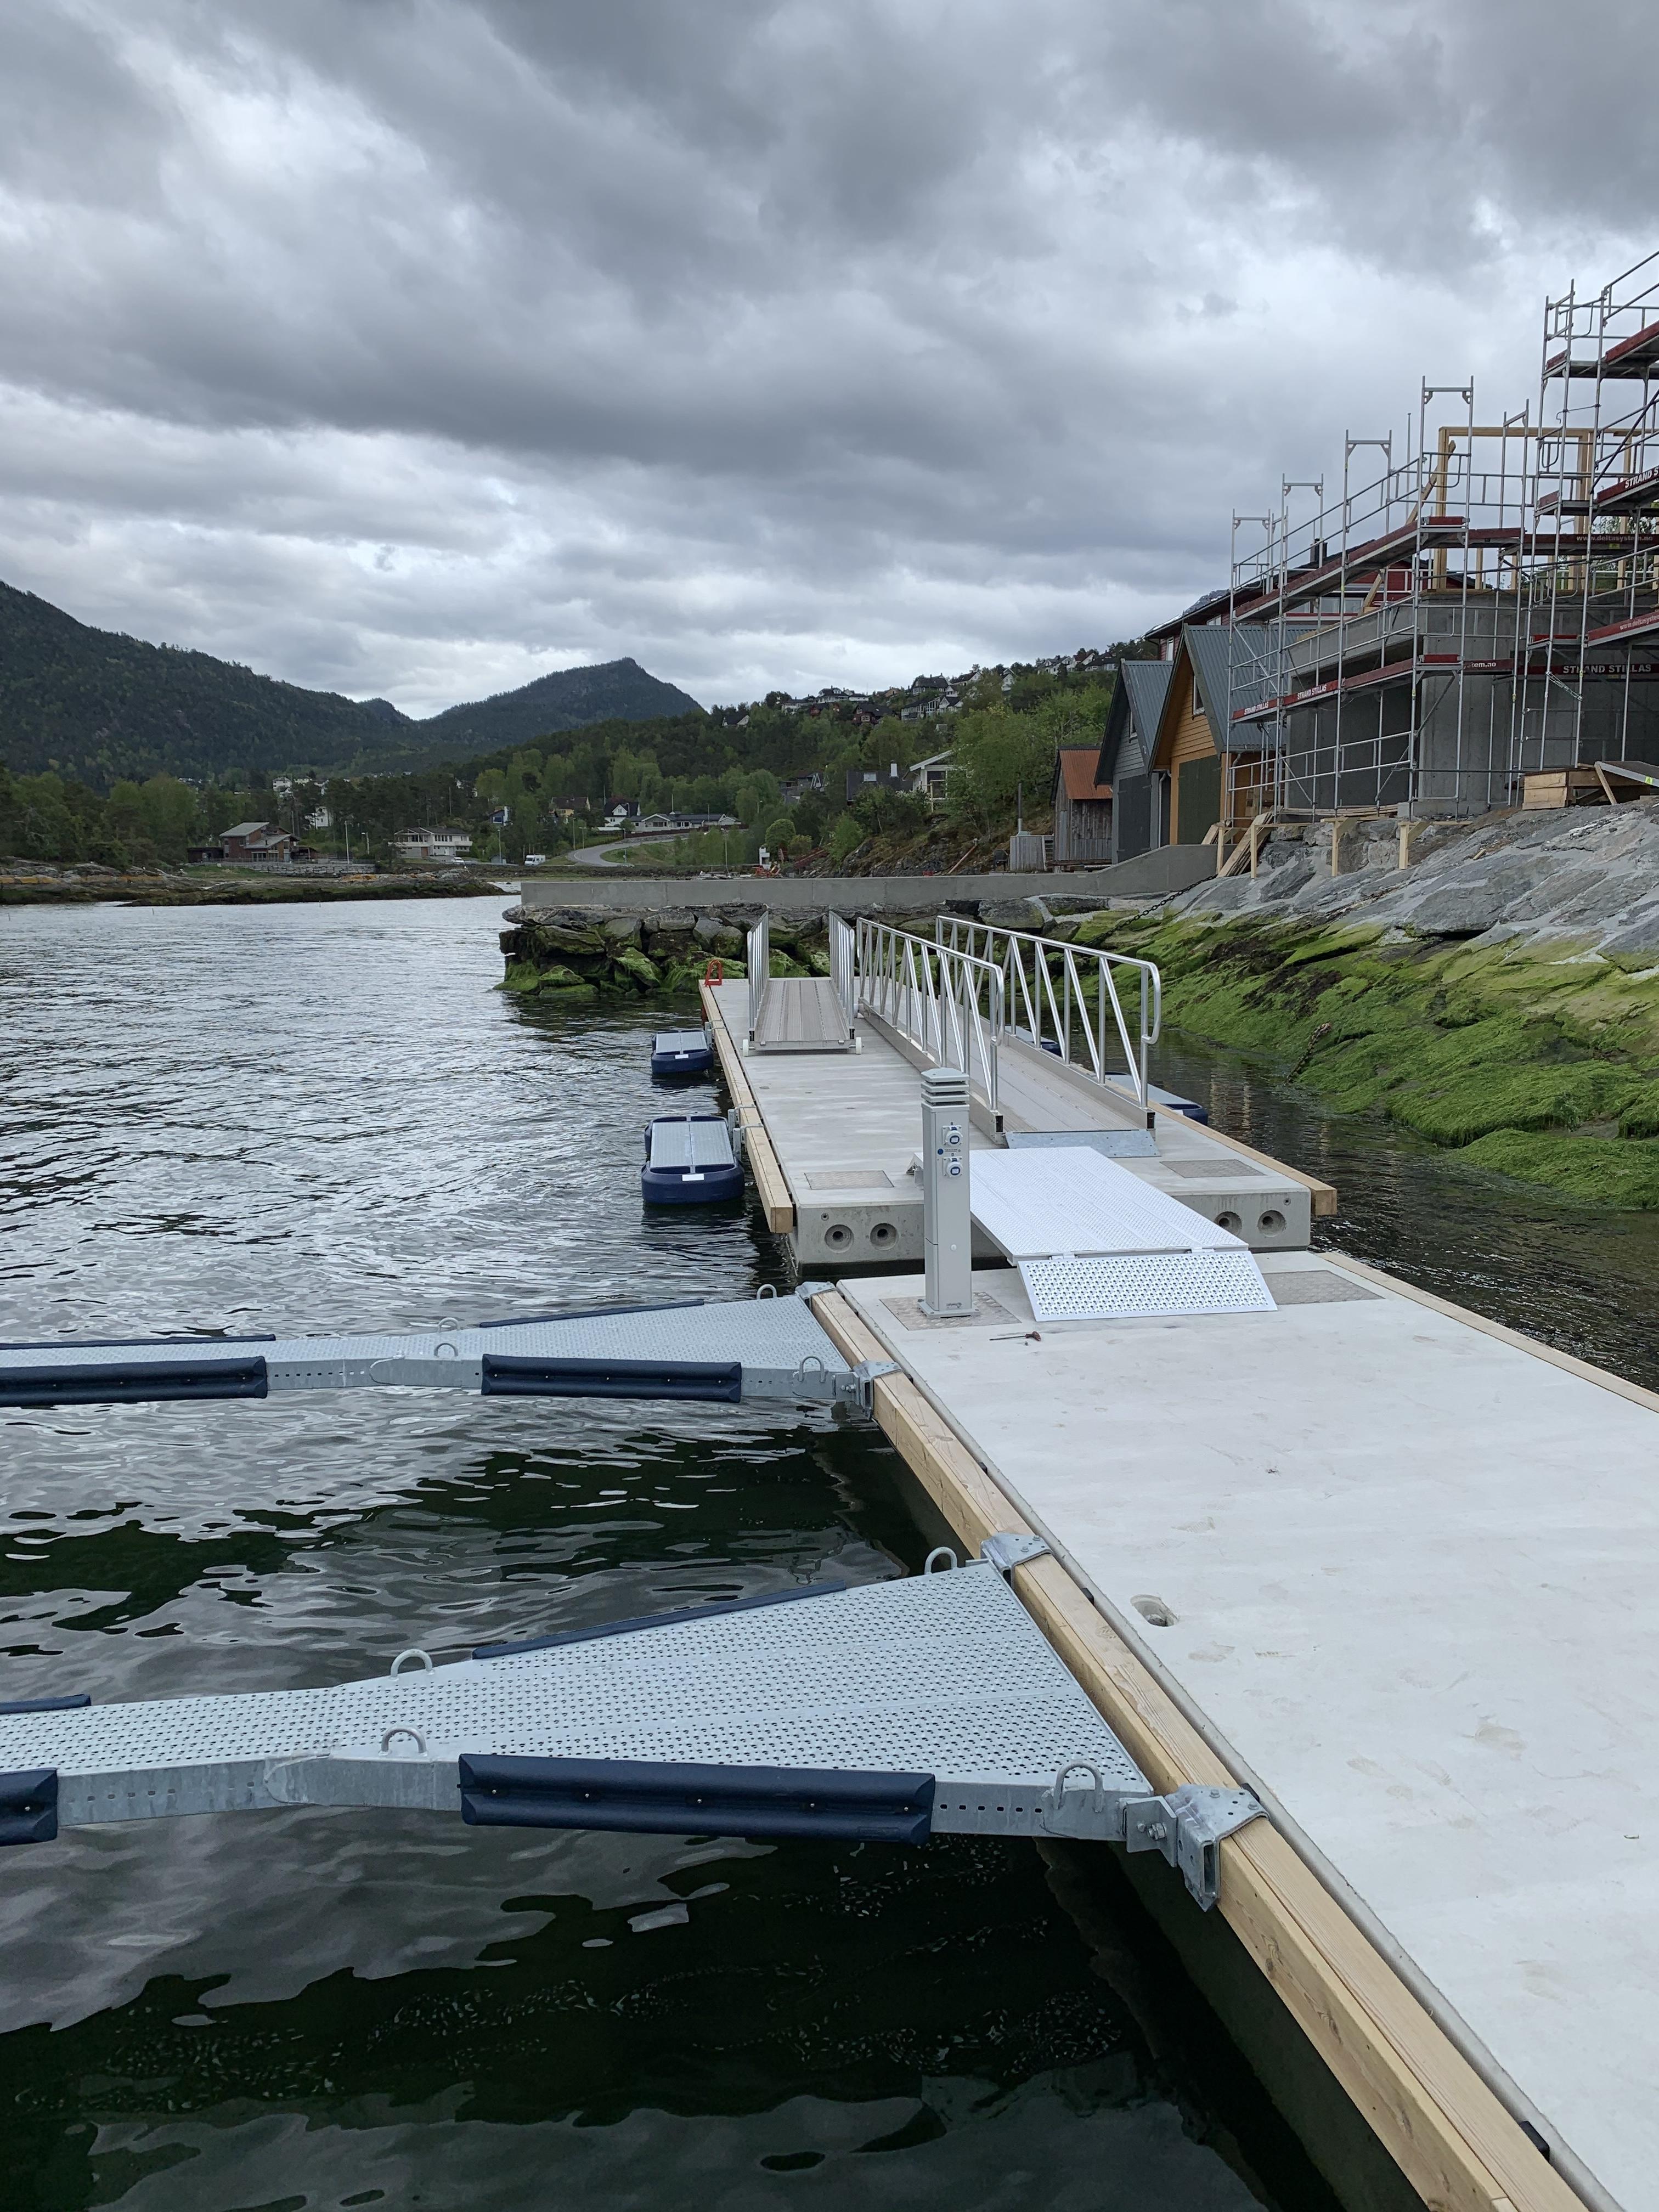 https://marinasolutions.no/uploads/Felleskapet-Elvaneset-75-meter-betongbrygge-og-18-båtplasser-2.jpg